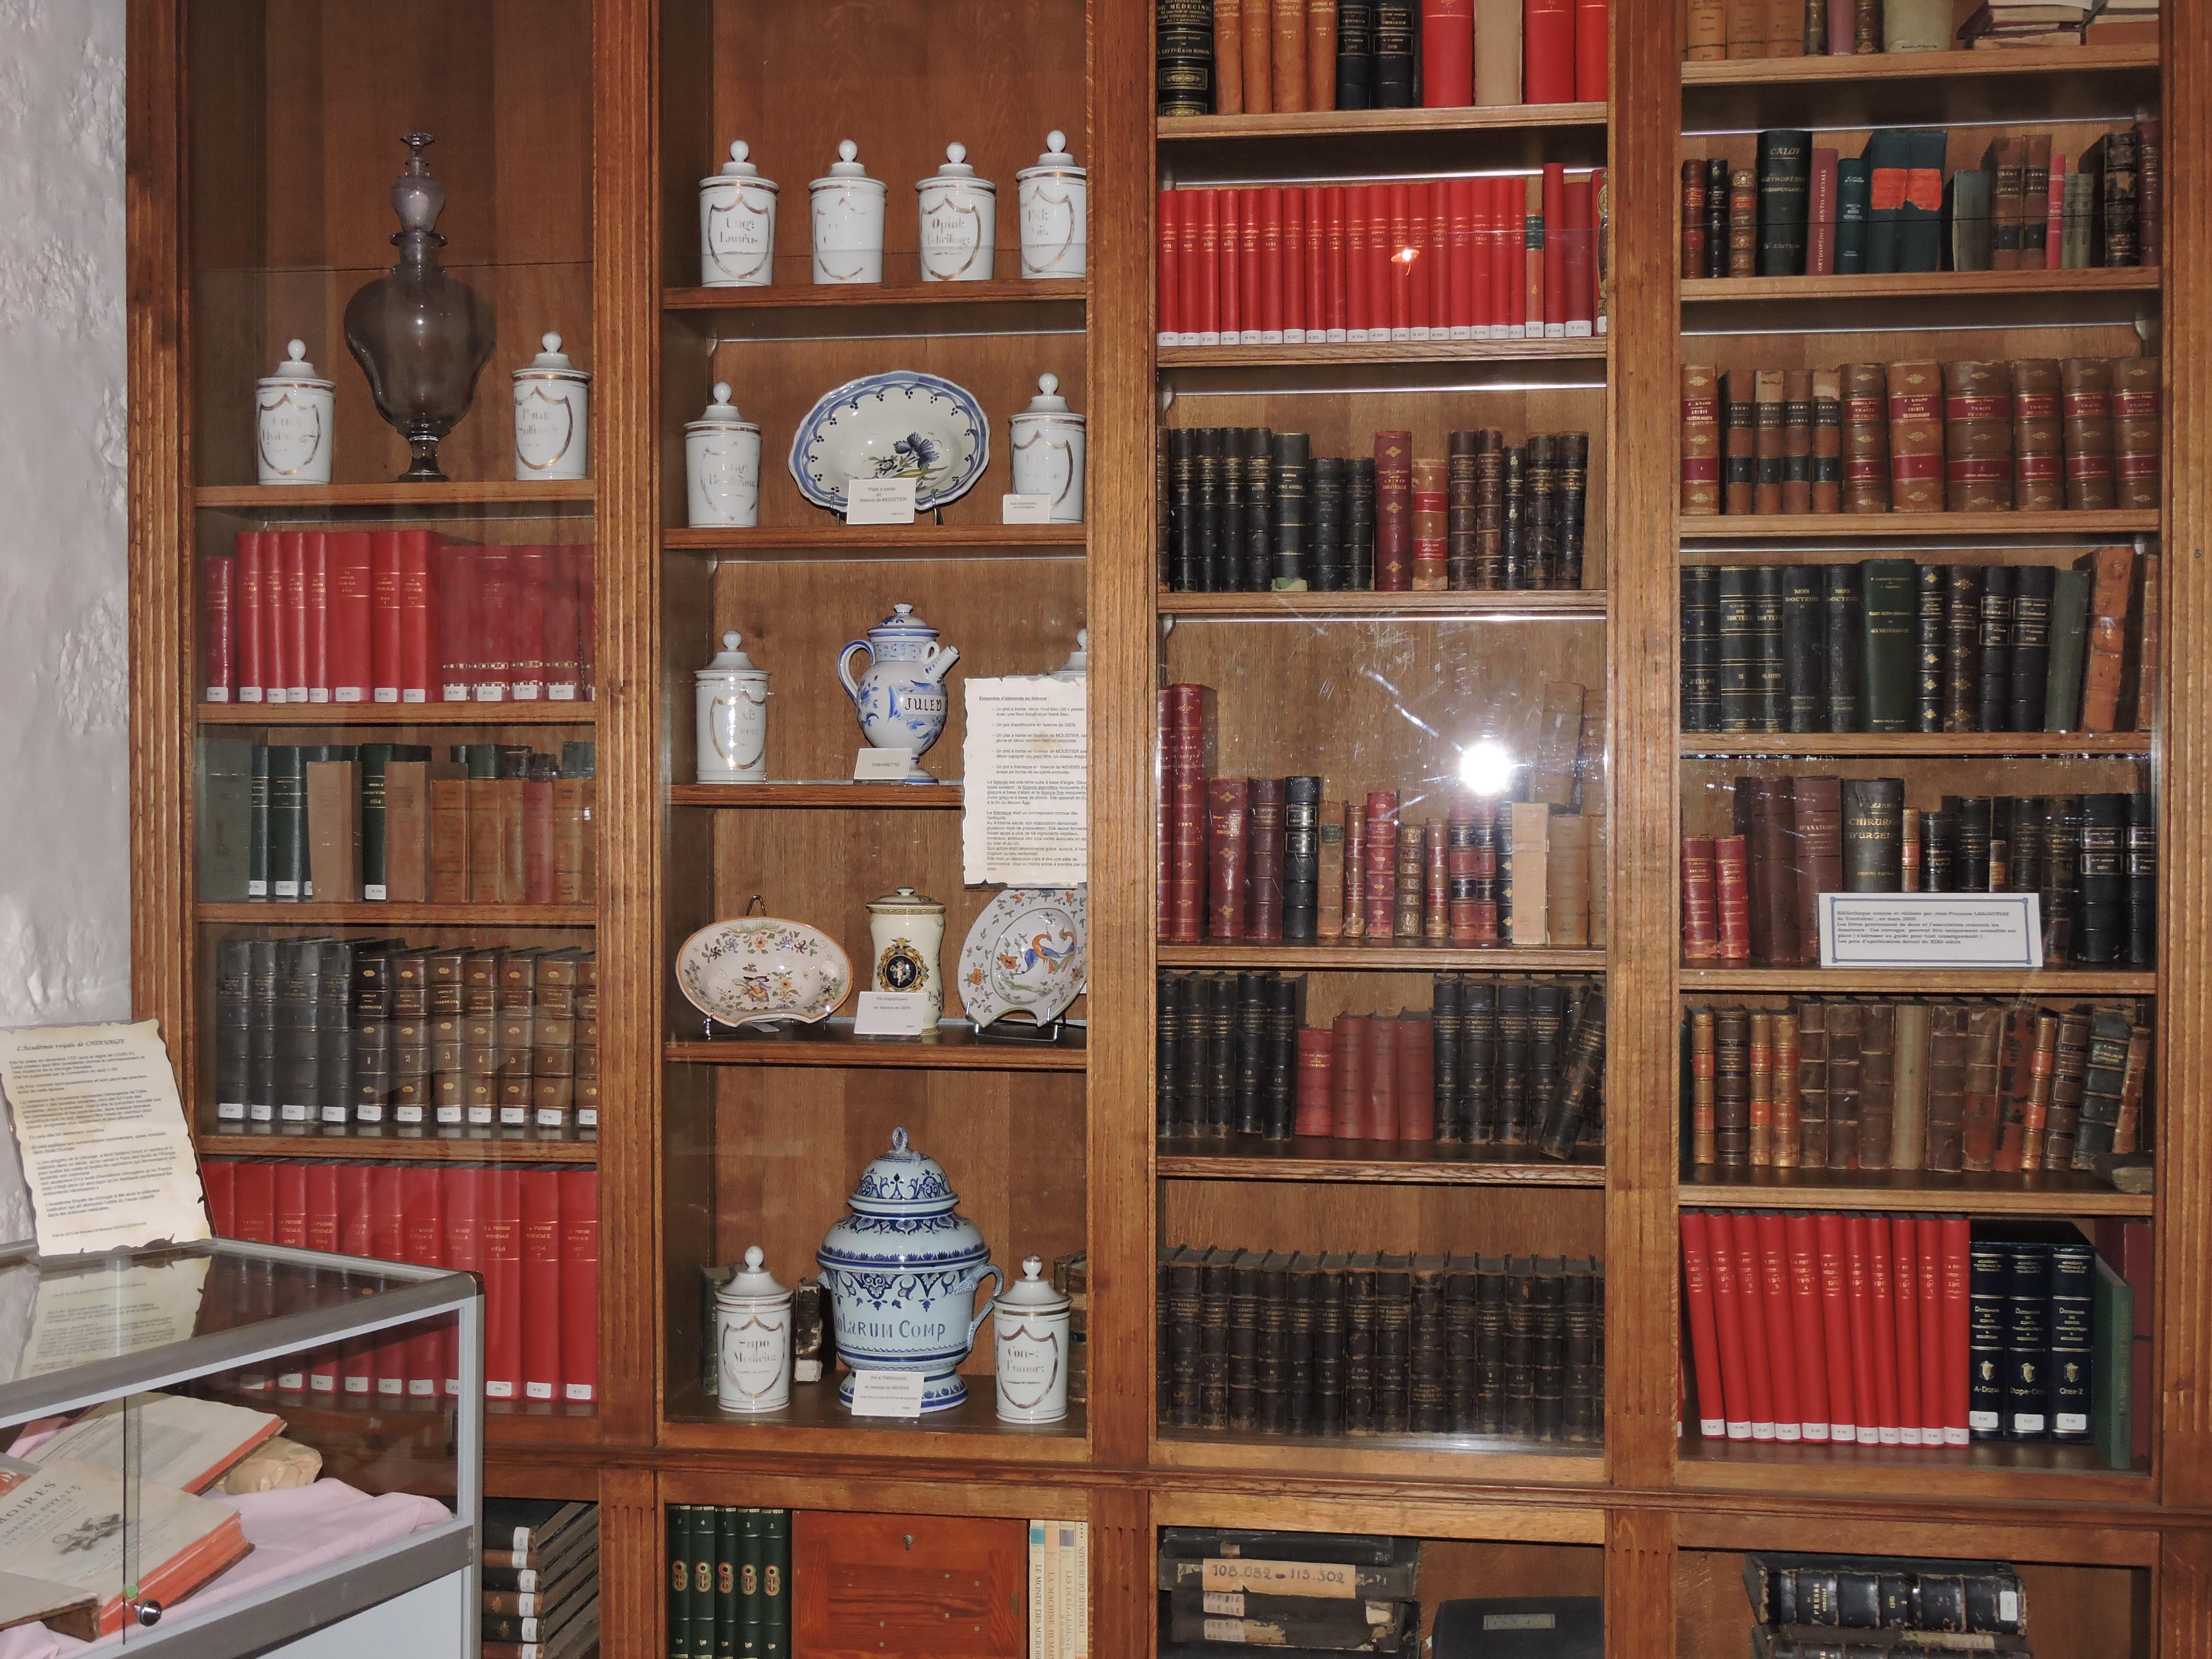 La salle Hippocrate: les ouvrages et les éléments en faïence